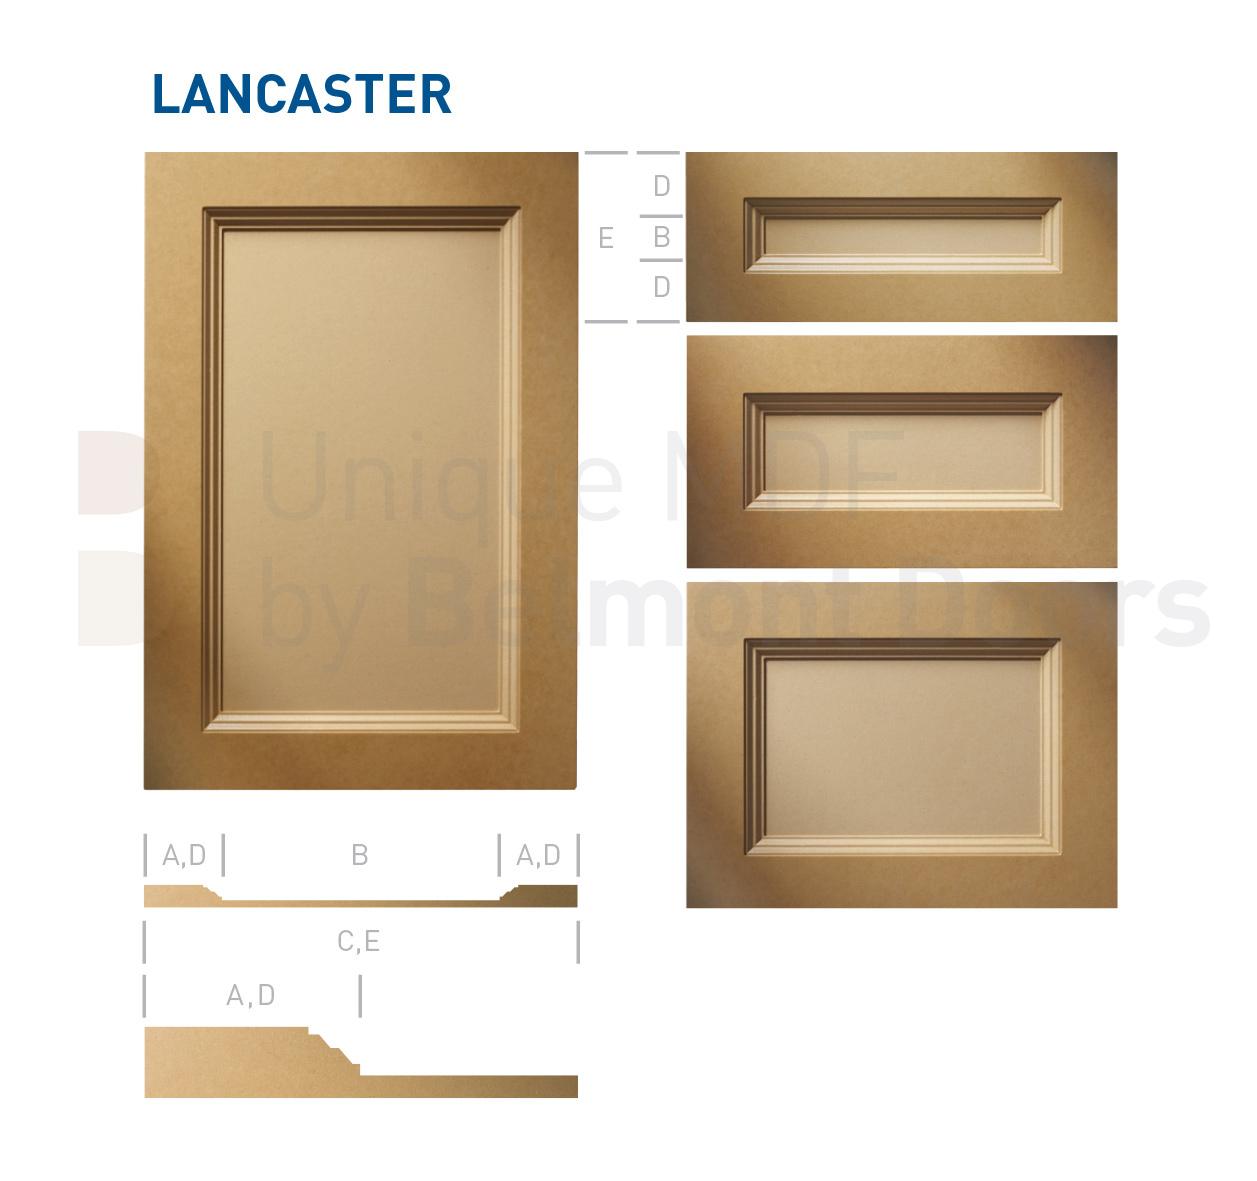 Kitchen Cabinet Door Styles Options: LANCASTER Collection (Transitional Kitchen Cabinet Door